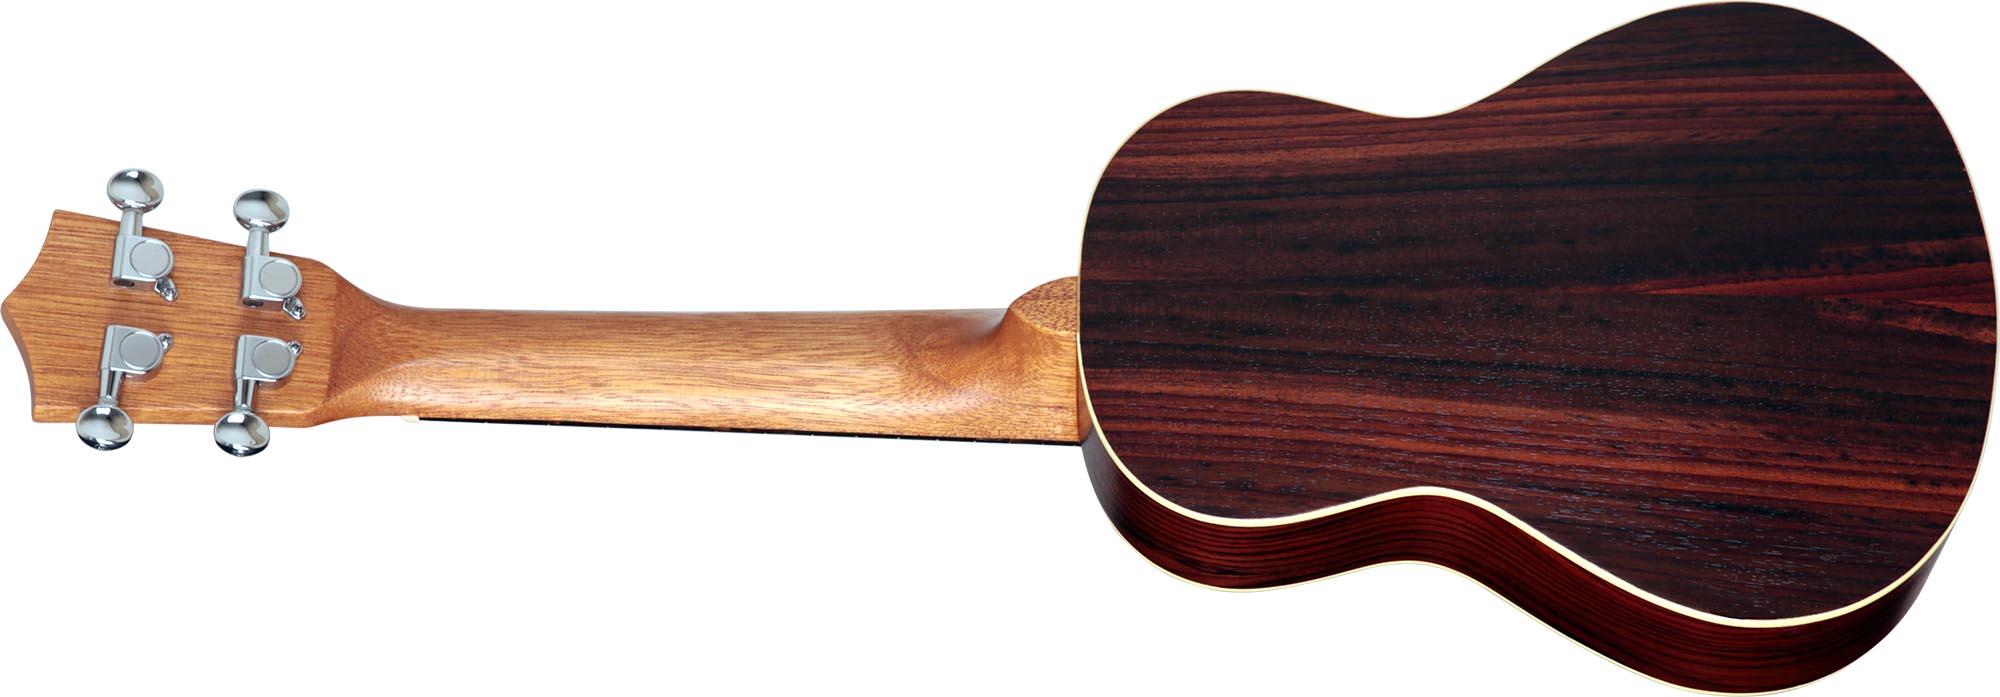 su23r ukulele concerto shelby su23r stnt jacaranda acetinado visao posterior